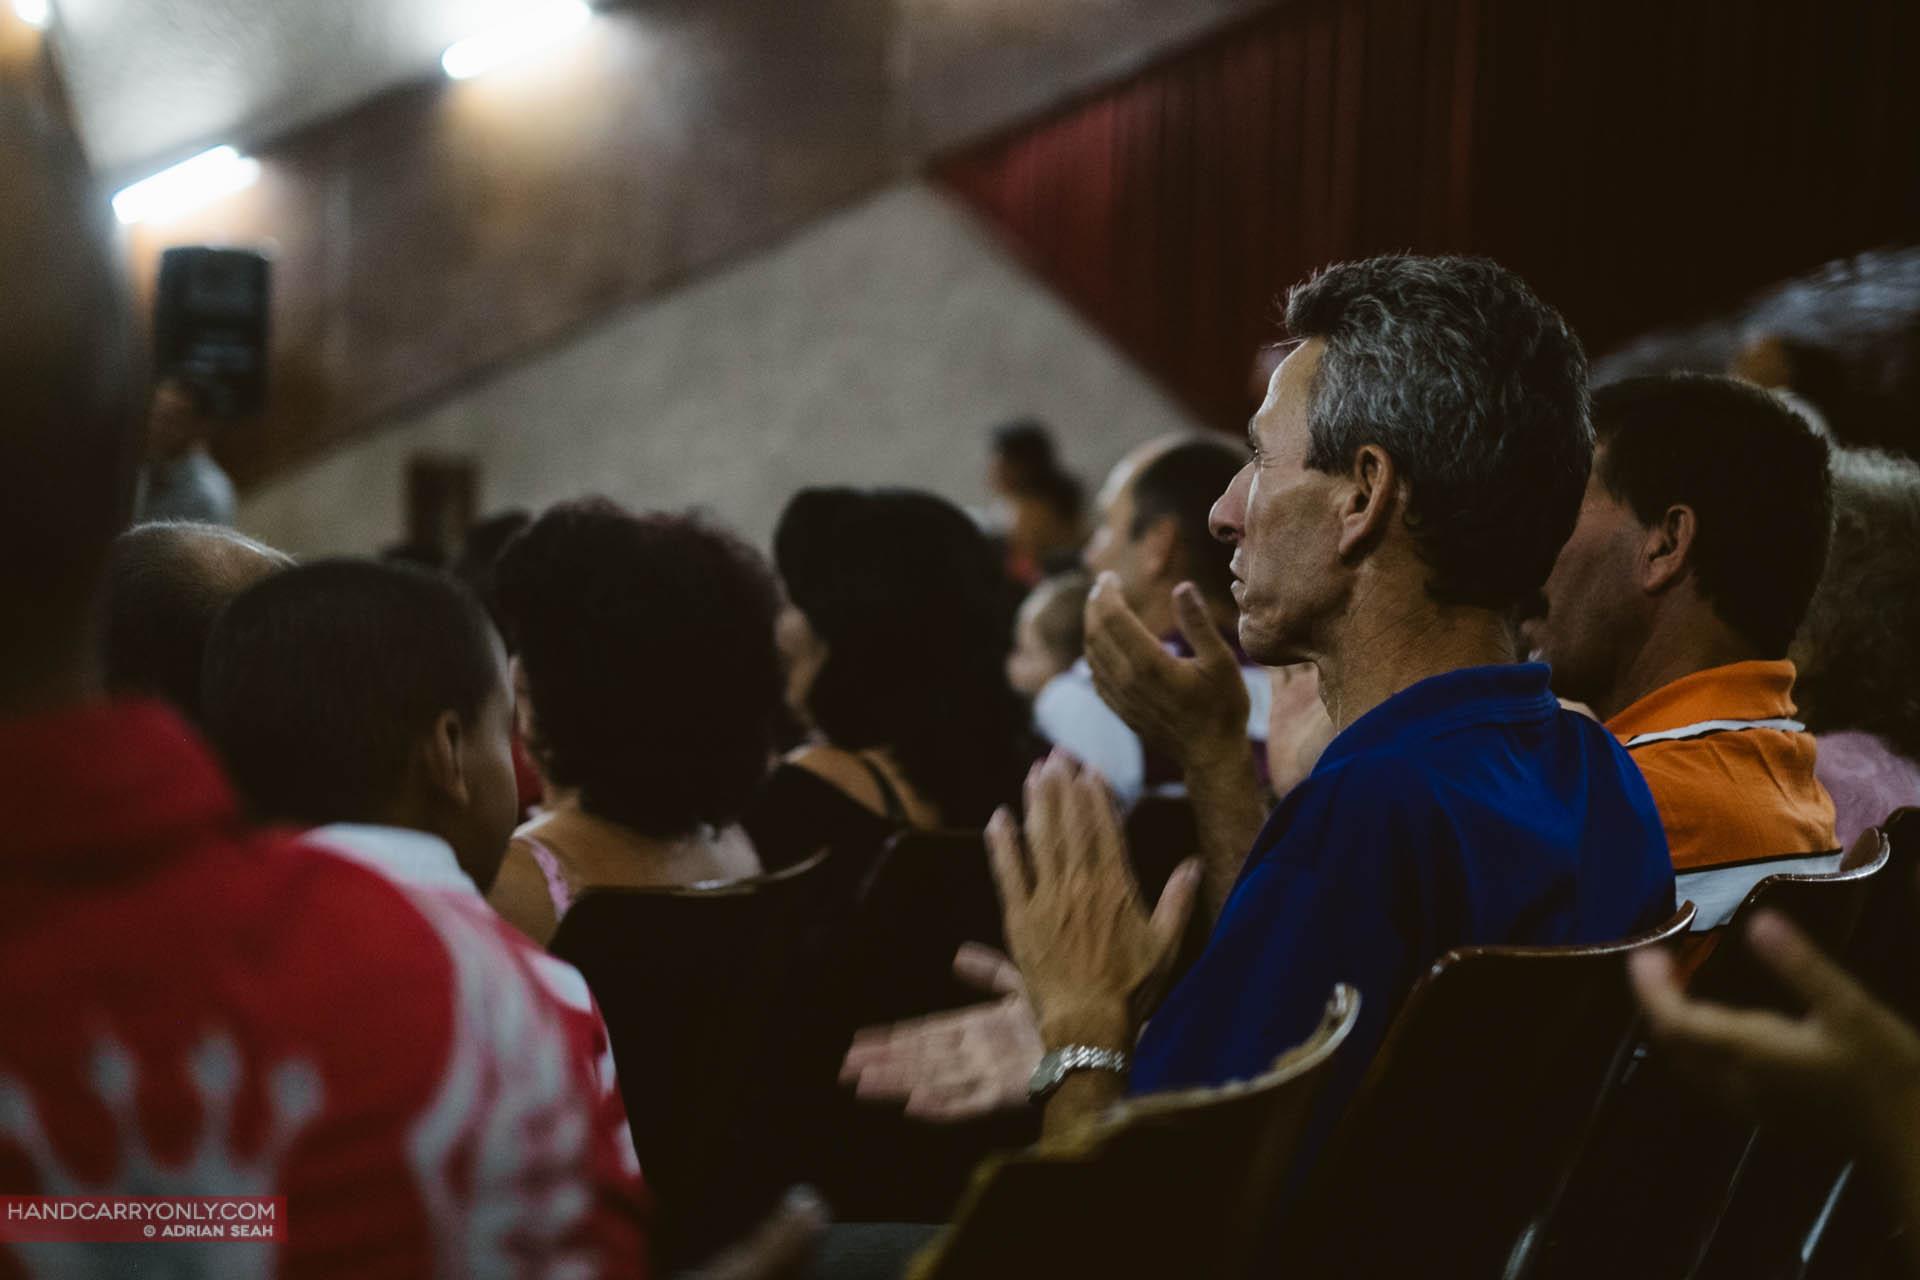 Cubans at a propaganda event